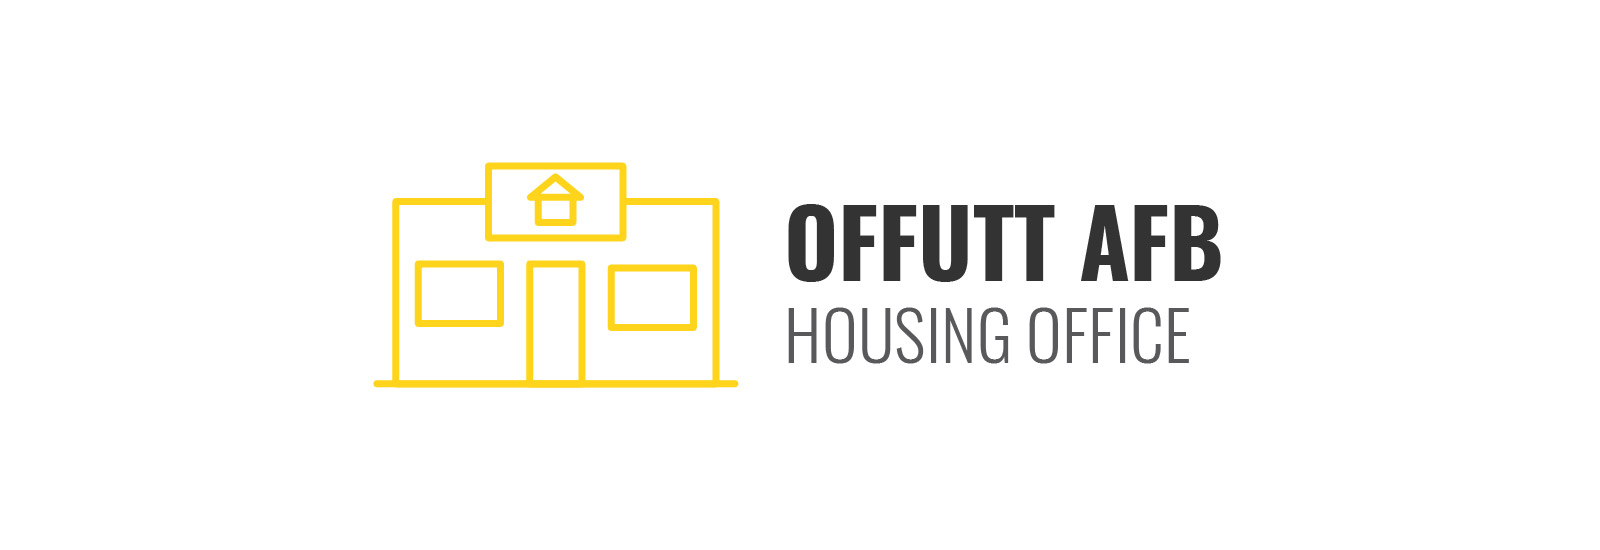 Offutt AFB Housing Office